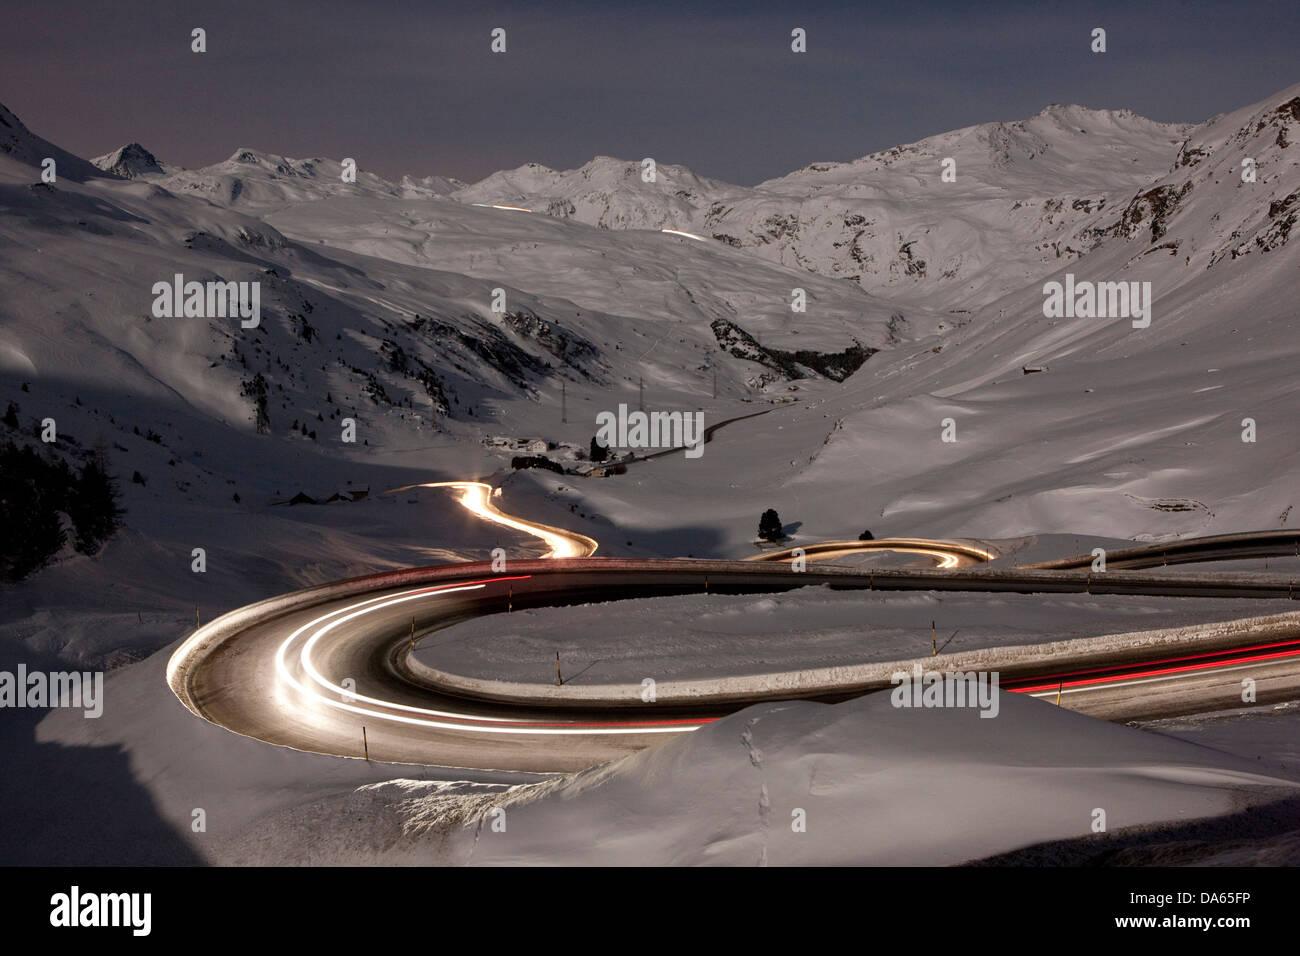 Col du Julier, col de montagne, Col, rue, nuit, sombre, trafic, transport, canton, GR, Grisons, Grisons, Suisse, Photo Stock